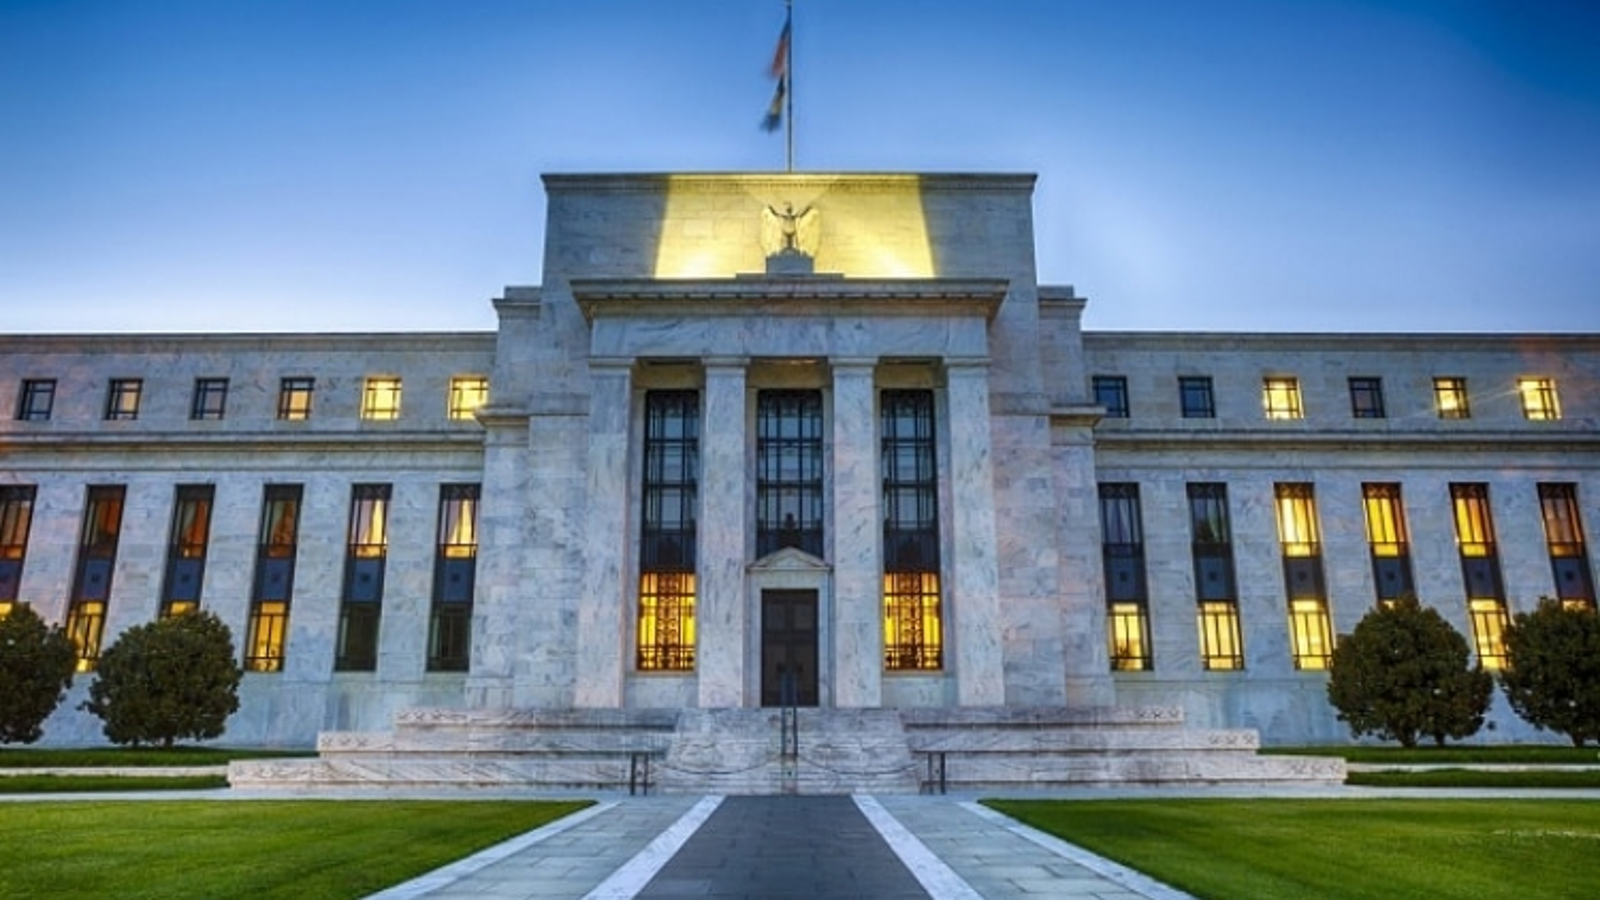 Cục Dự trữ Liên bang Mỹ tiếp tục giữ mức lãi suất cơ bản gần bằng 0